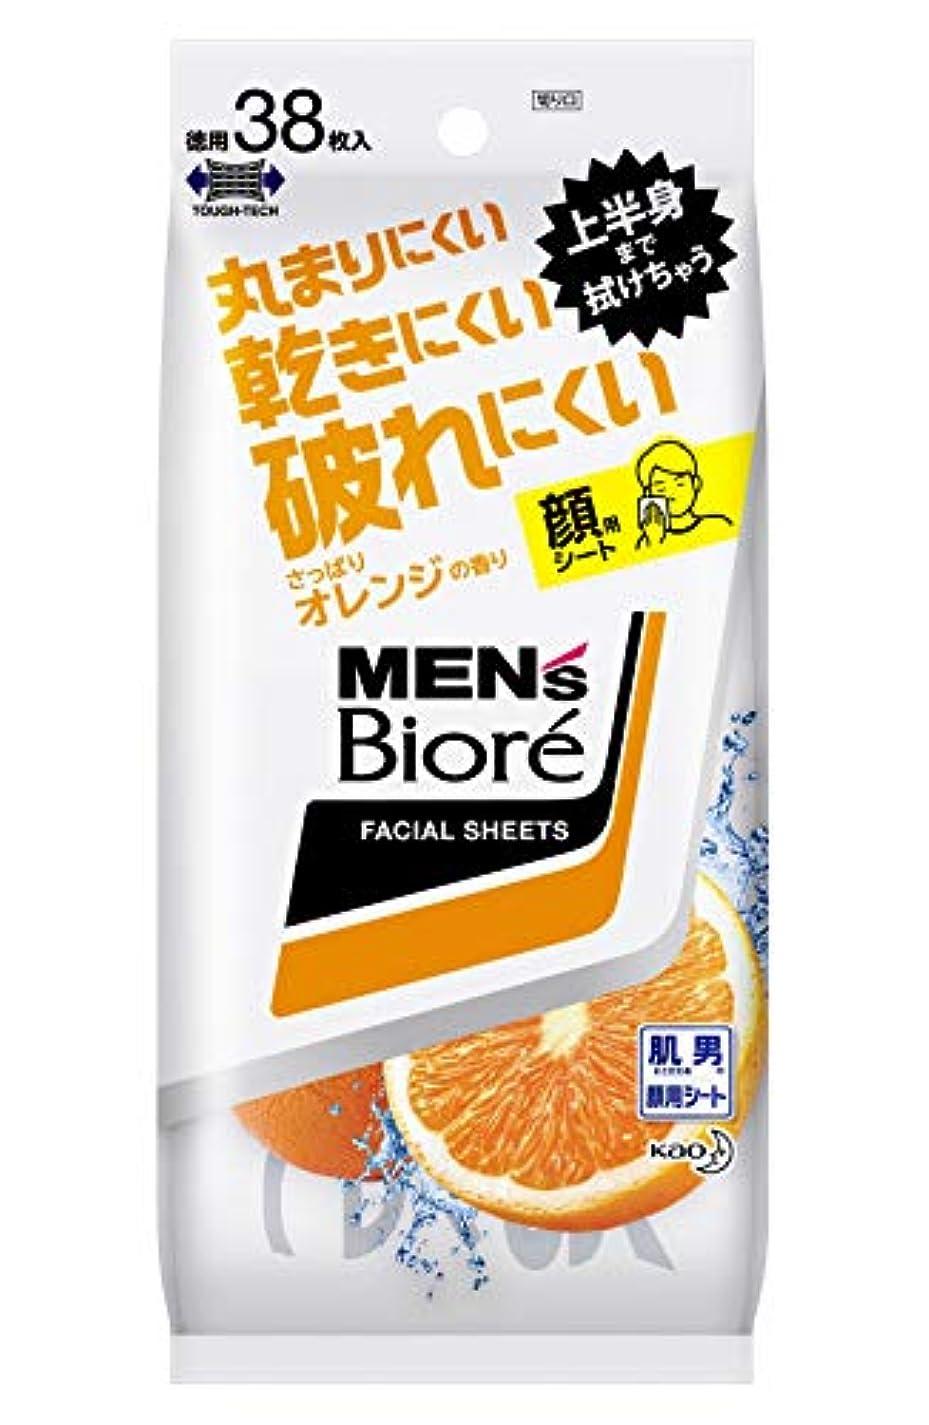 トリム滞在パトワメンズビオレ 洗顔シート さっぱりオレンジの香り <卓上タイプ> 38枚入